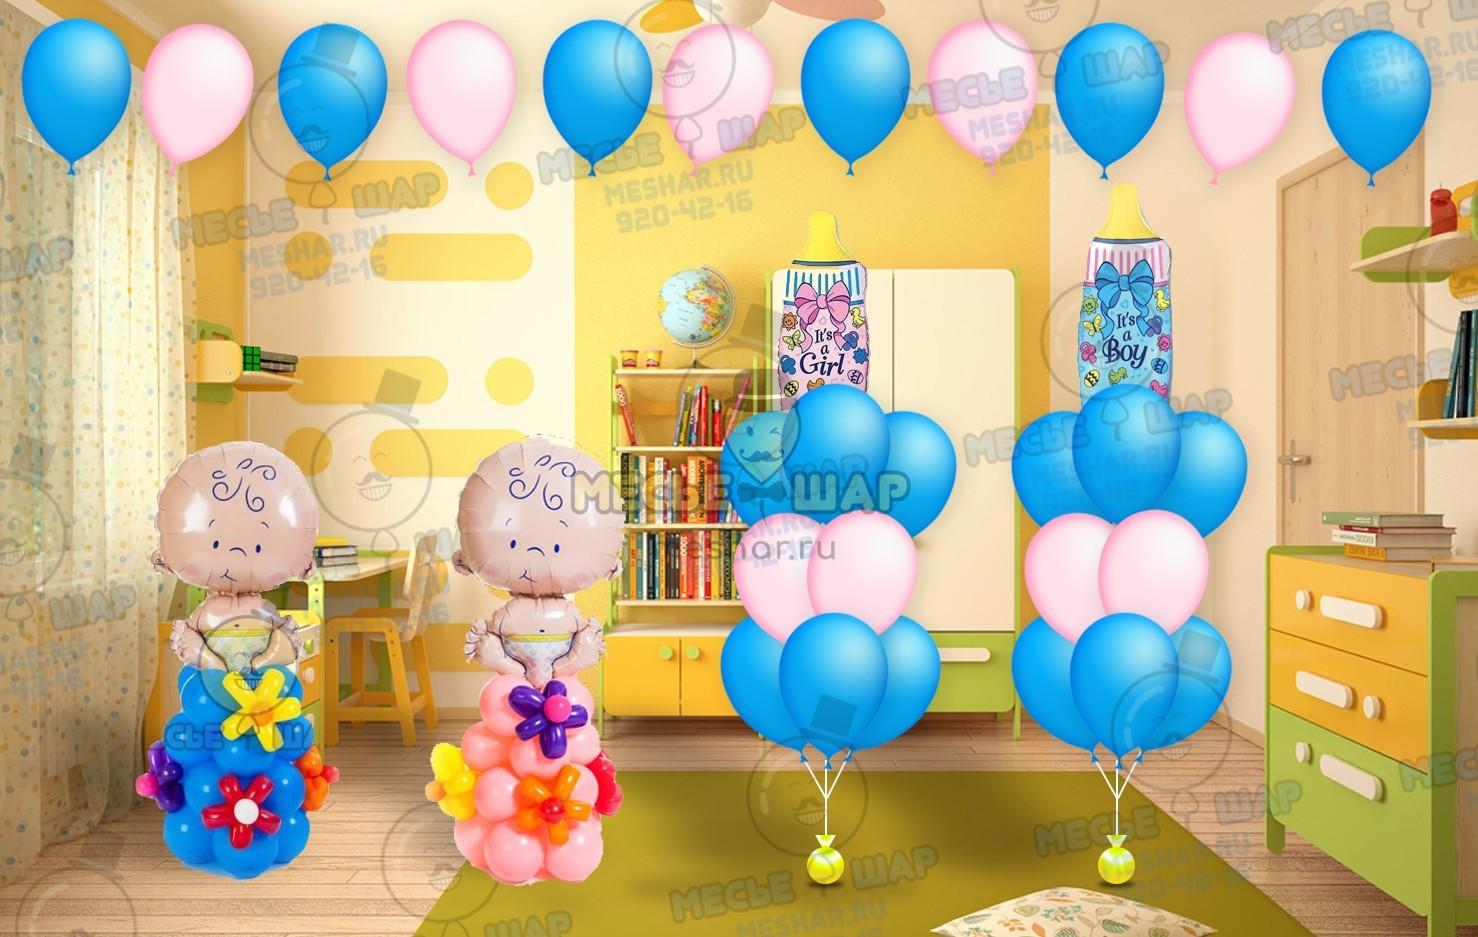 Выгодные пакеты для новорожденных из воздушных шаров 3